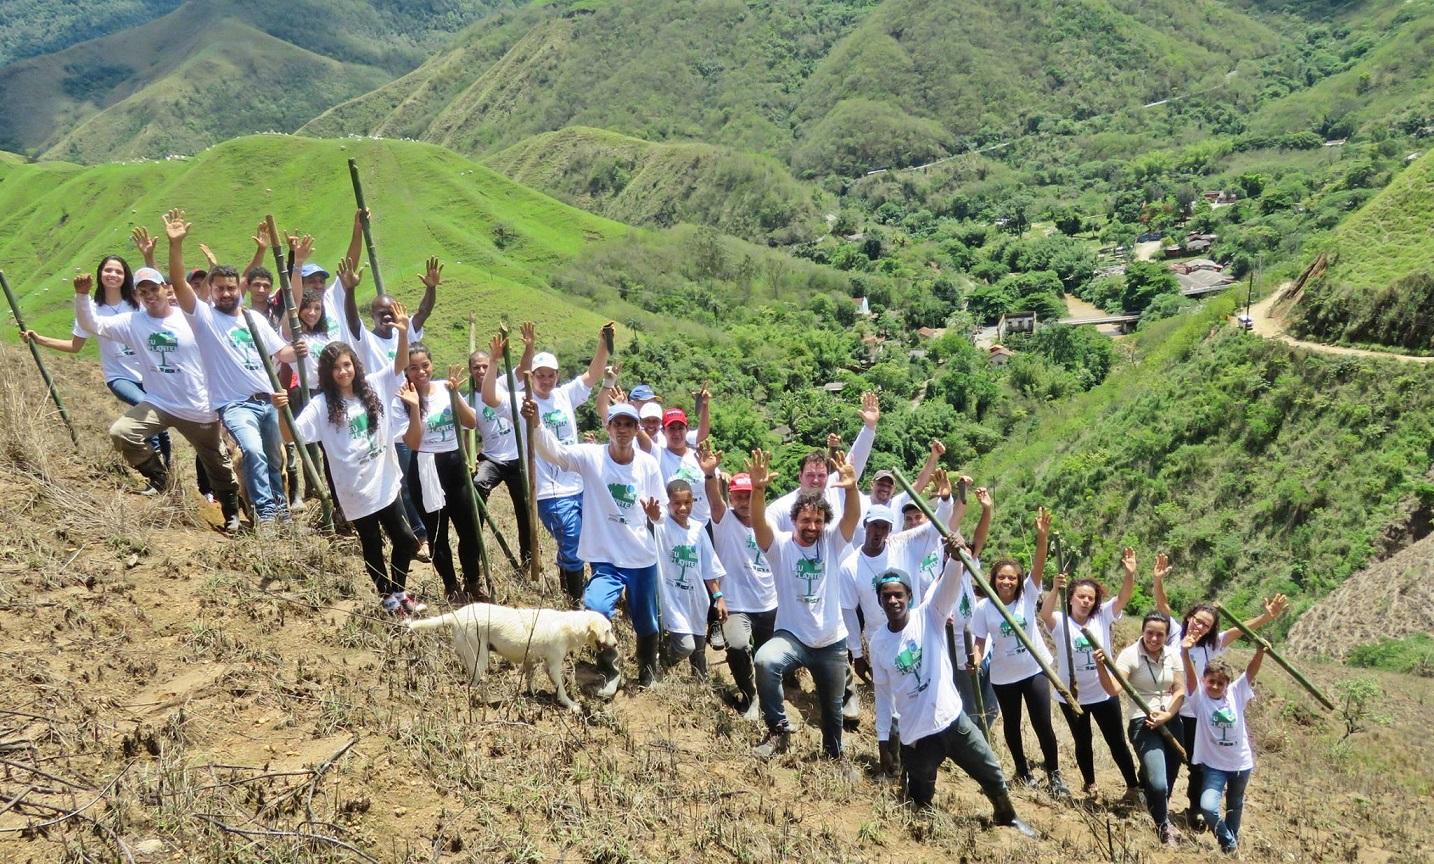 O trabalho de replantio começou com a participação de voluntários, mas aos poucos acabou se profissionalizando e hoje tem 40 colaboradores. Foto Divulgação